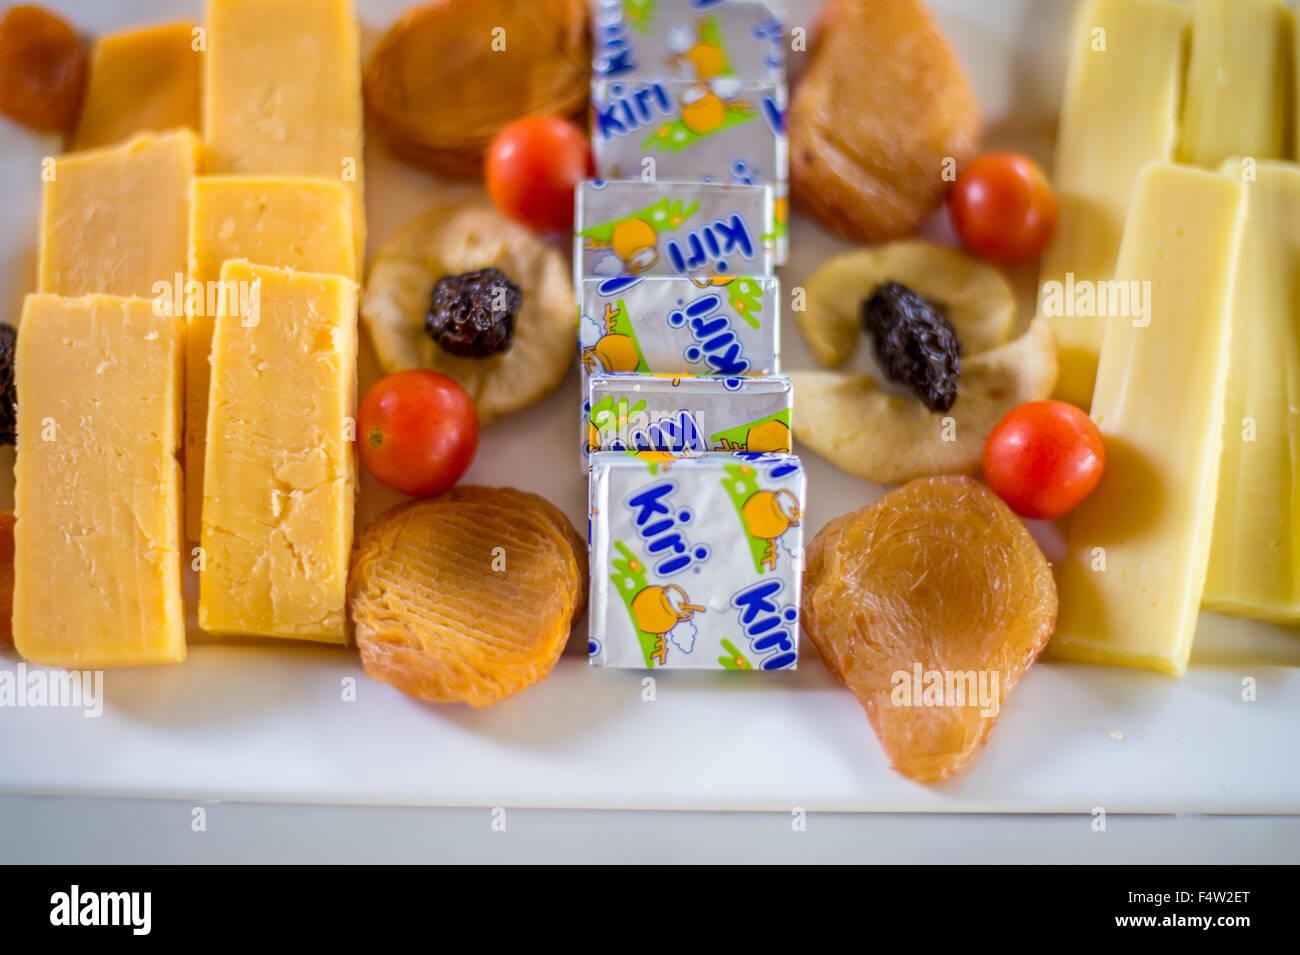 Kasane, Botswana - Plate of cheese, dried fruit and kiri. - Stock Image